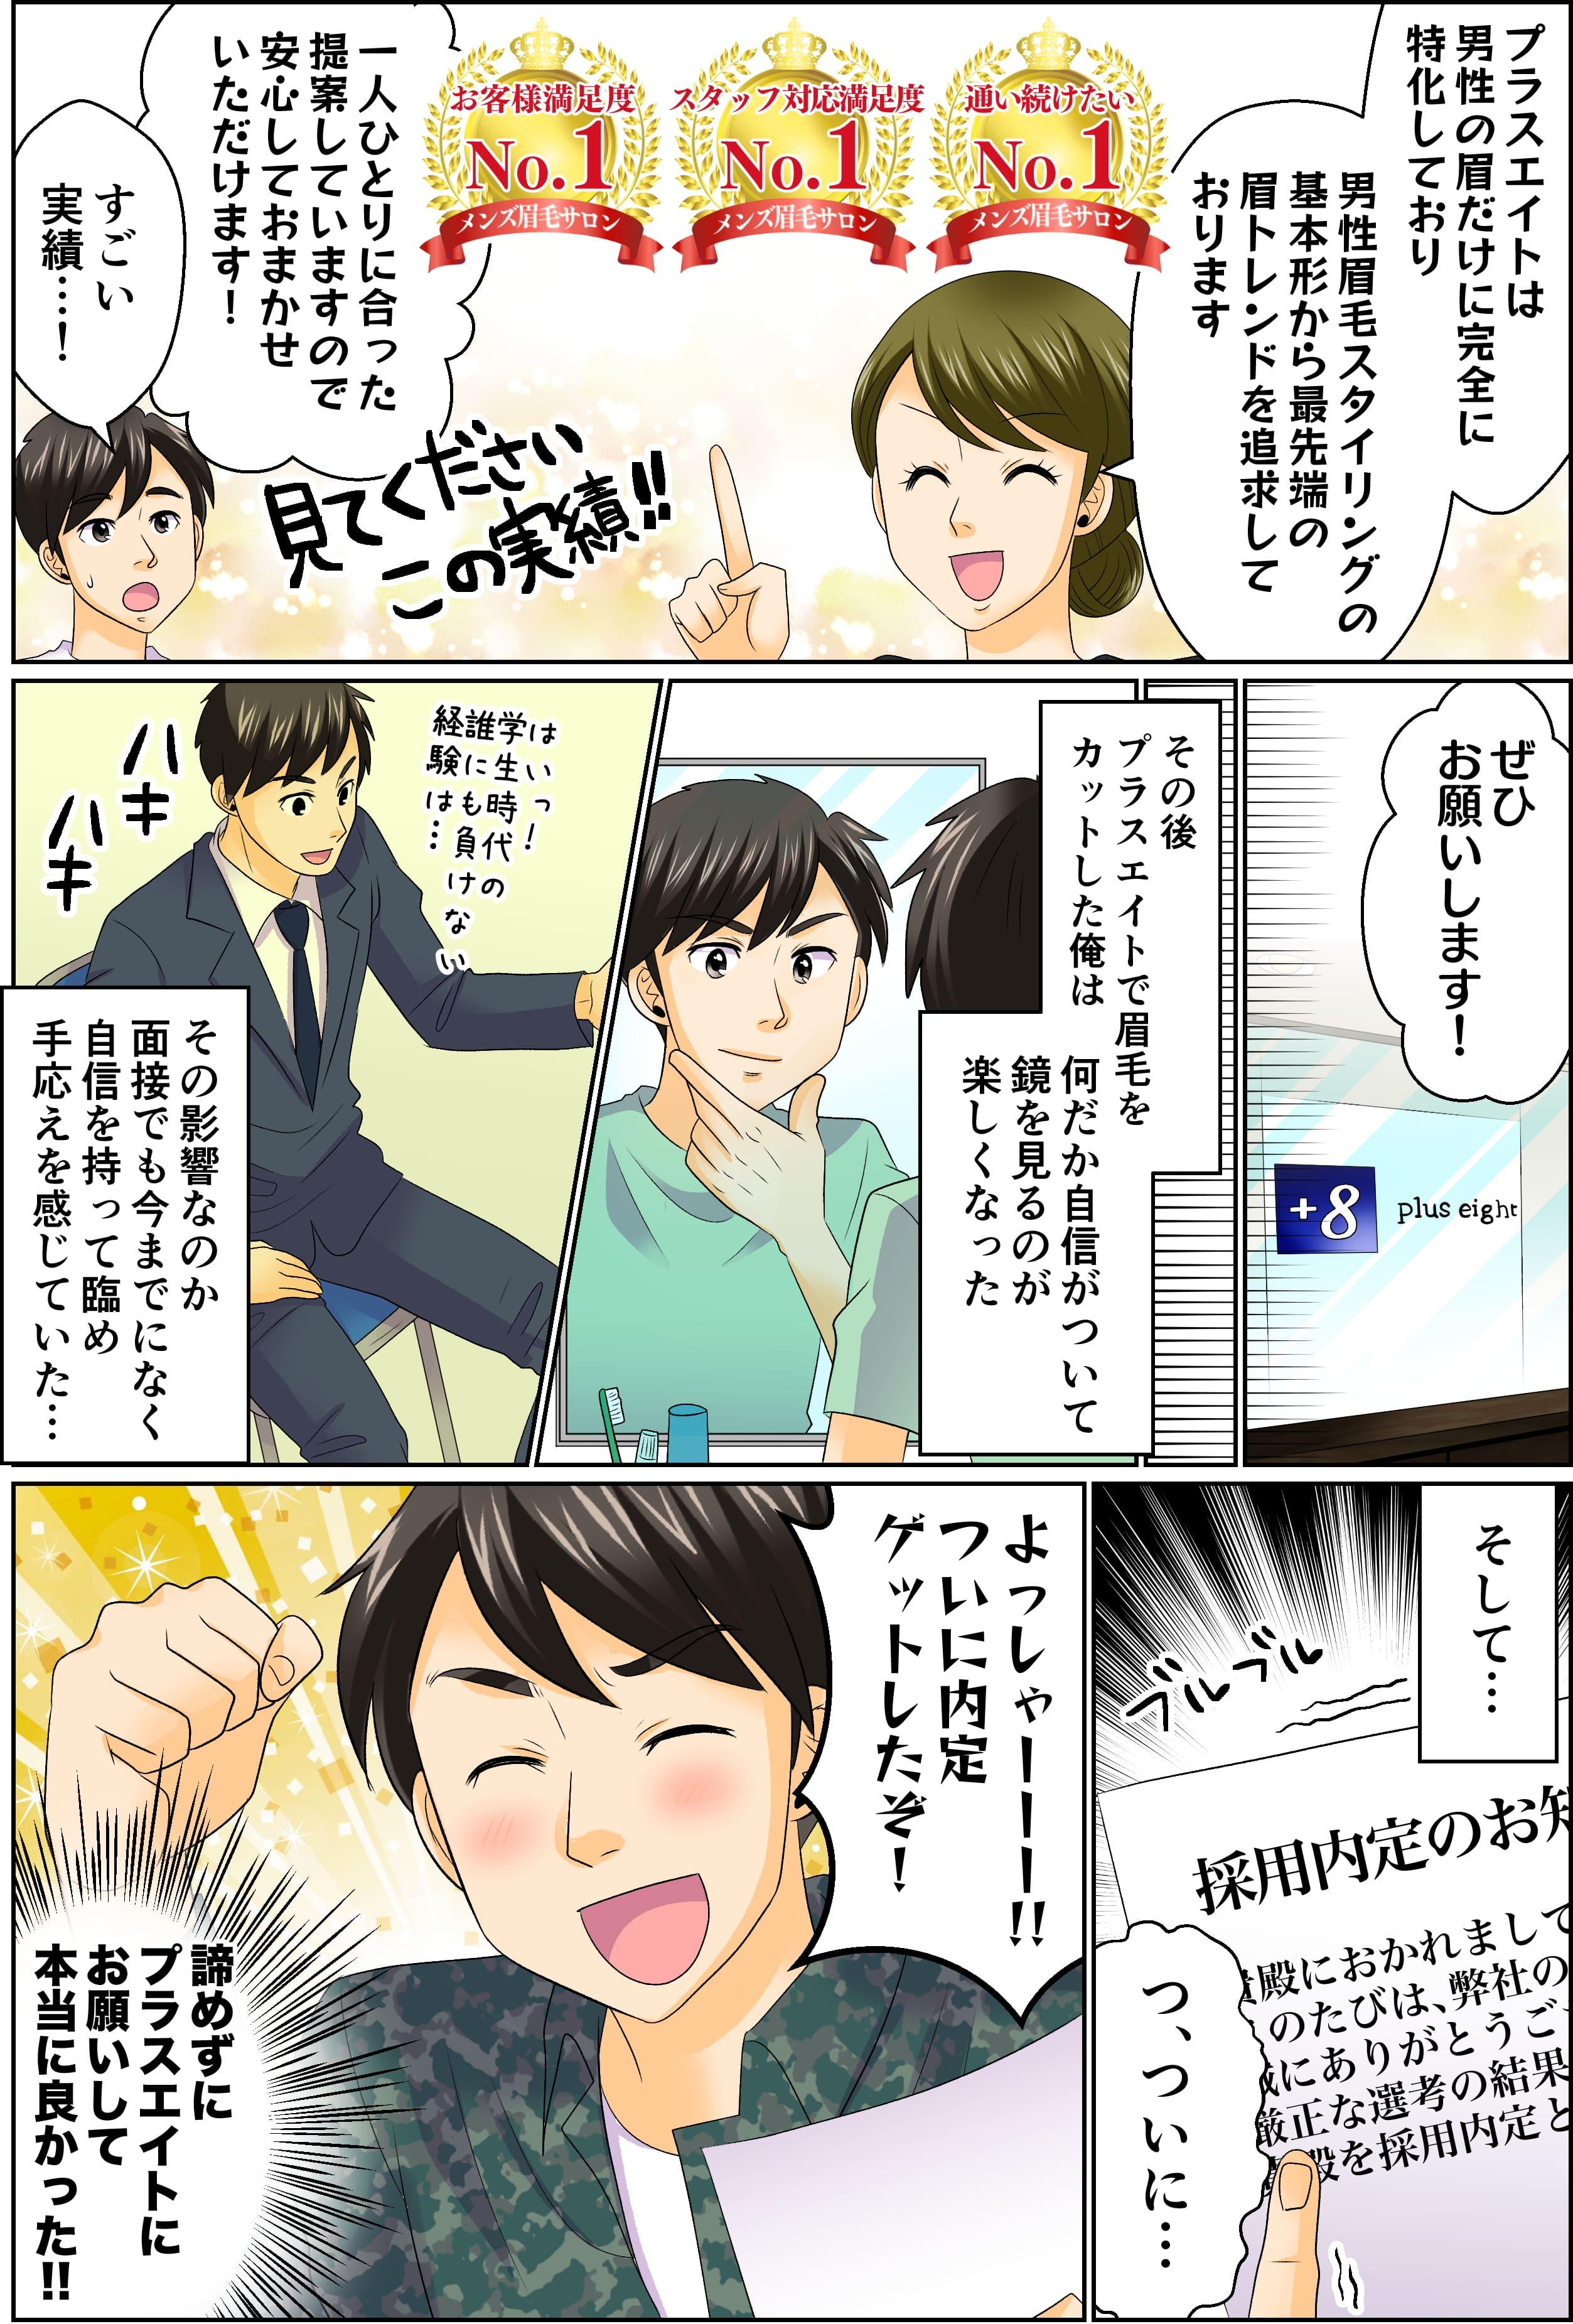 眉毛施術【就活】5